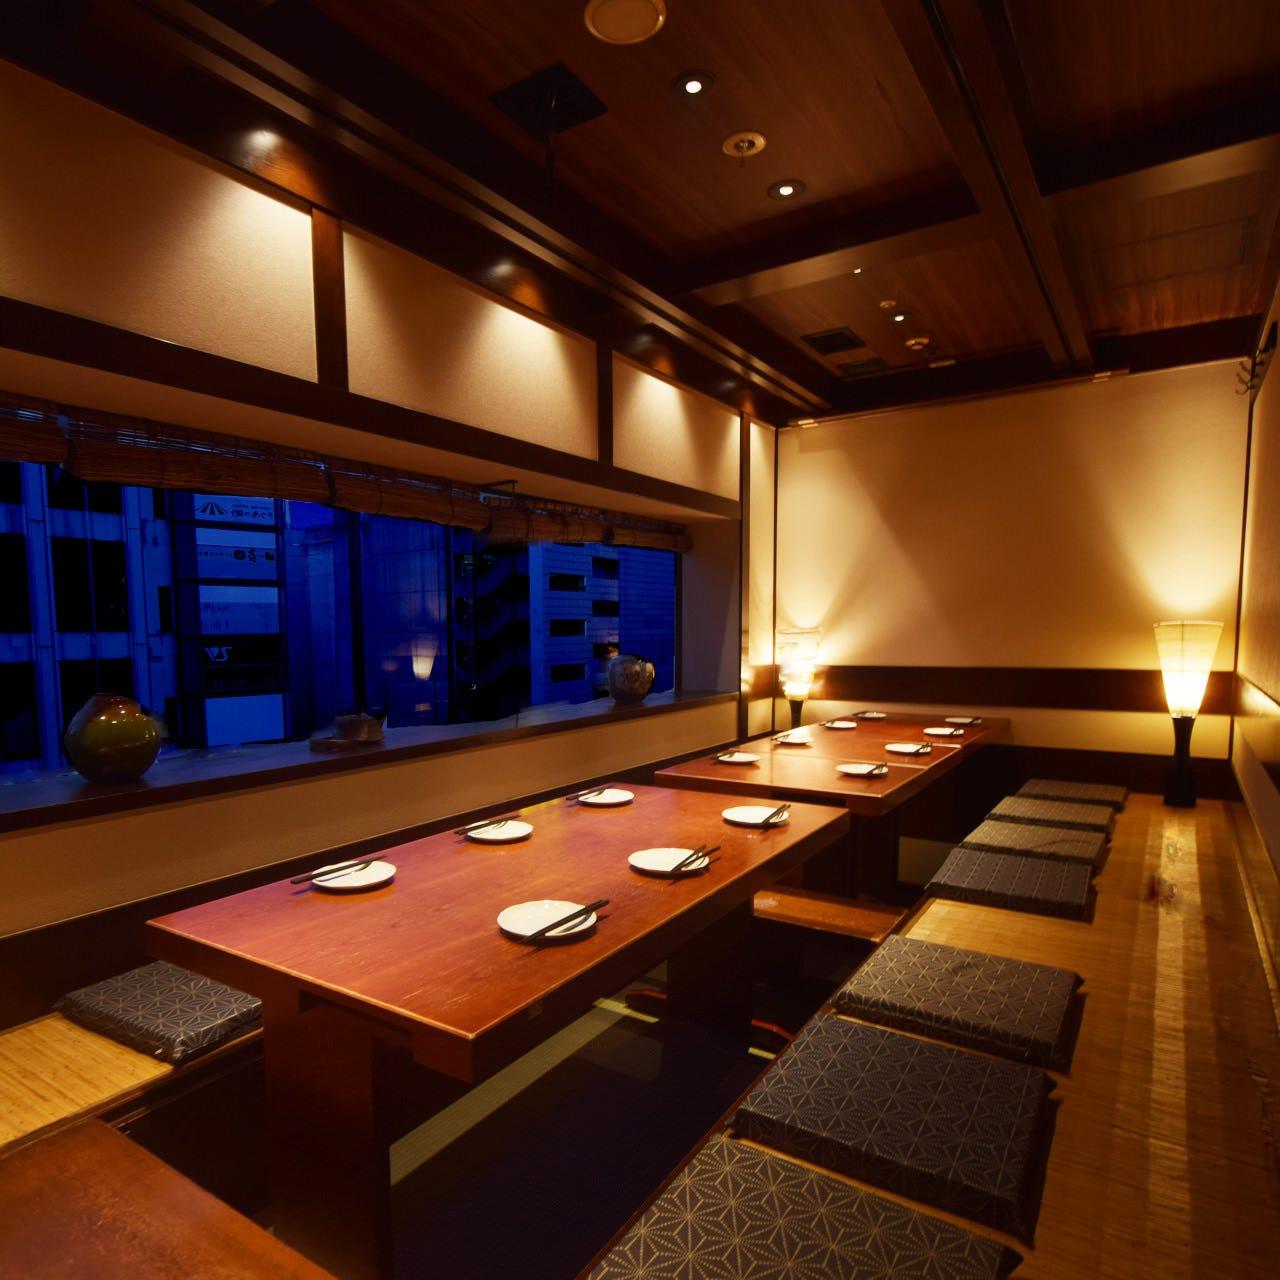 【仙台駅×居酒屋】 宴会用の完全個室完備!大人の空間です